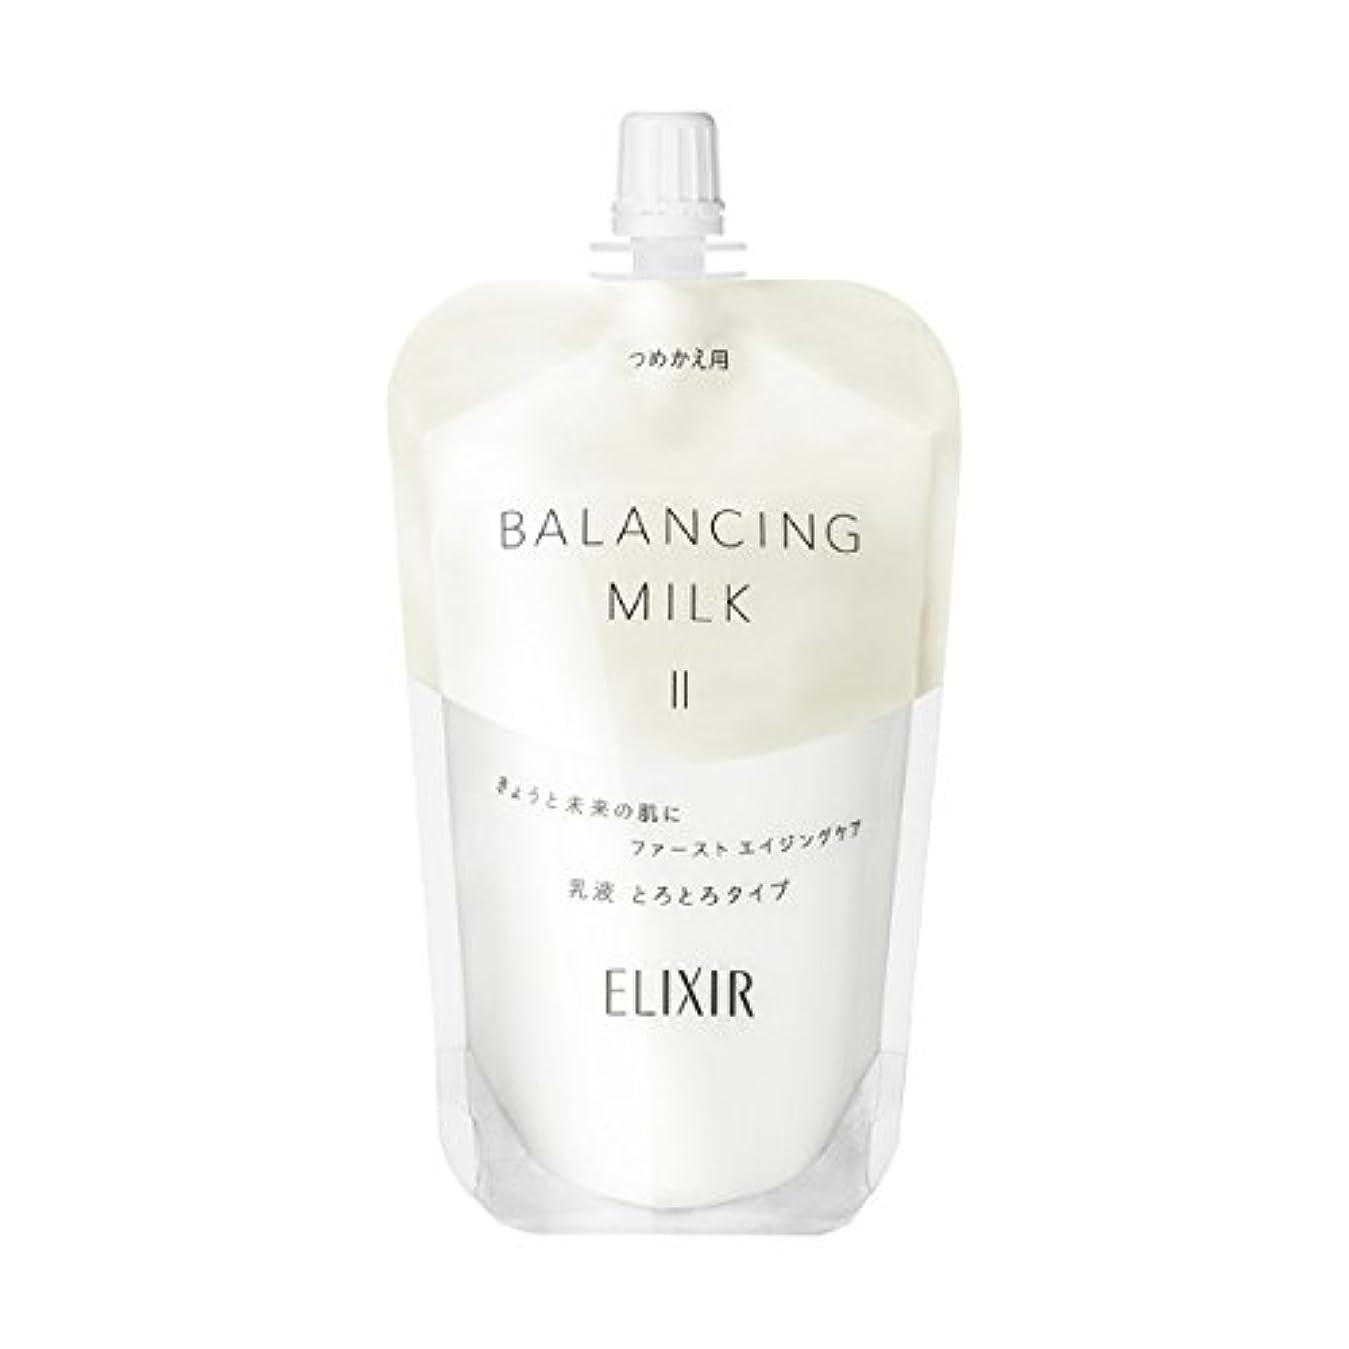 弾性戸惑う失われたエリクシール ルフレ バランシング ミルク 乳液 2 (とろとろタイプ) (つめかえ用) 110mL